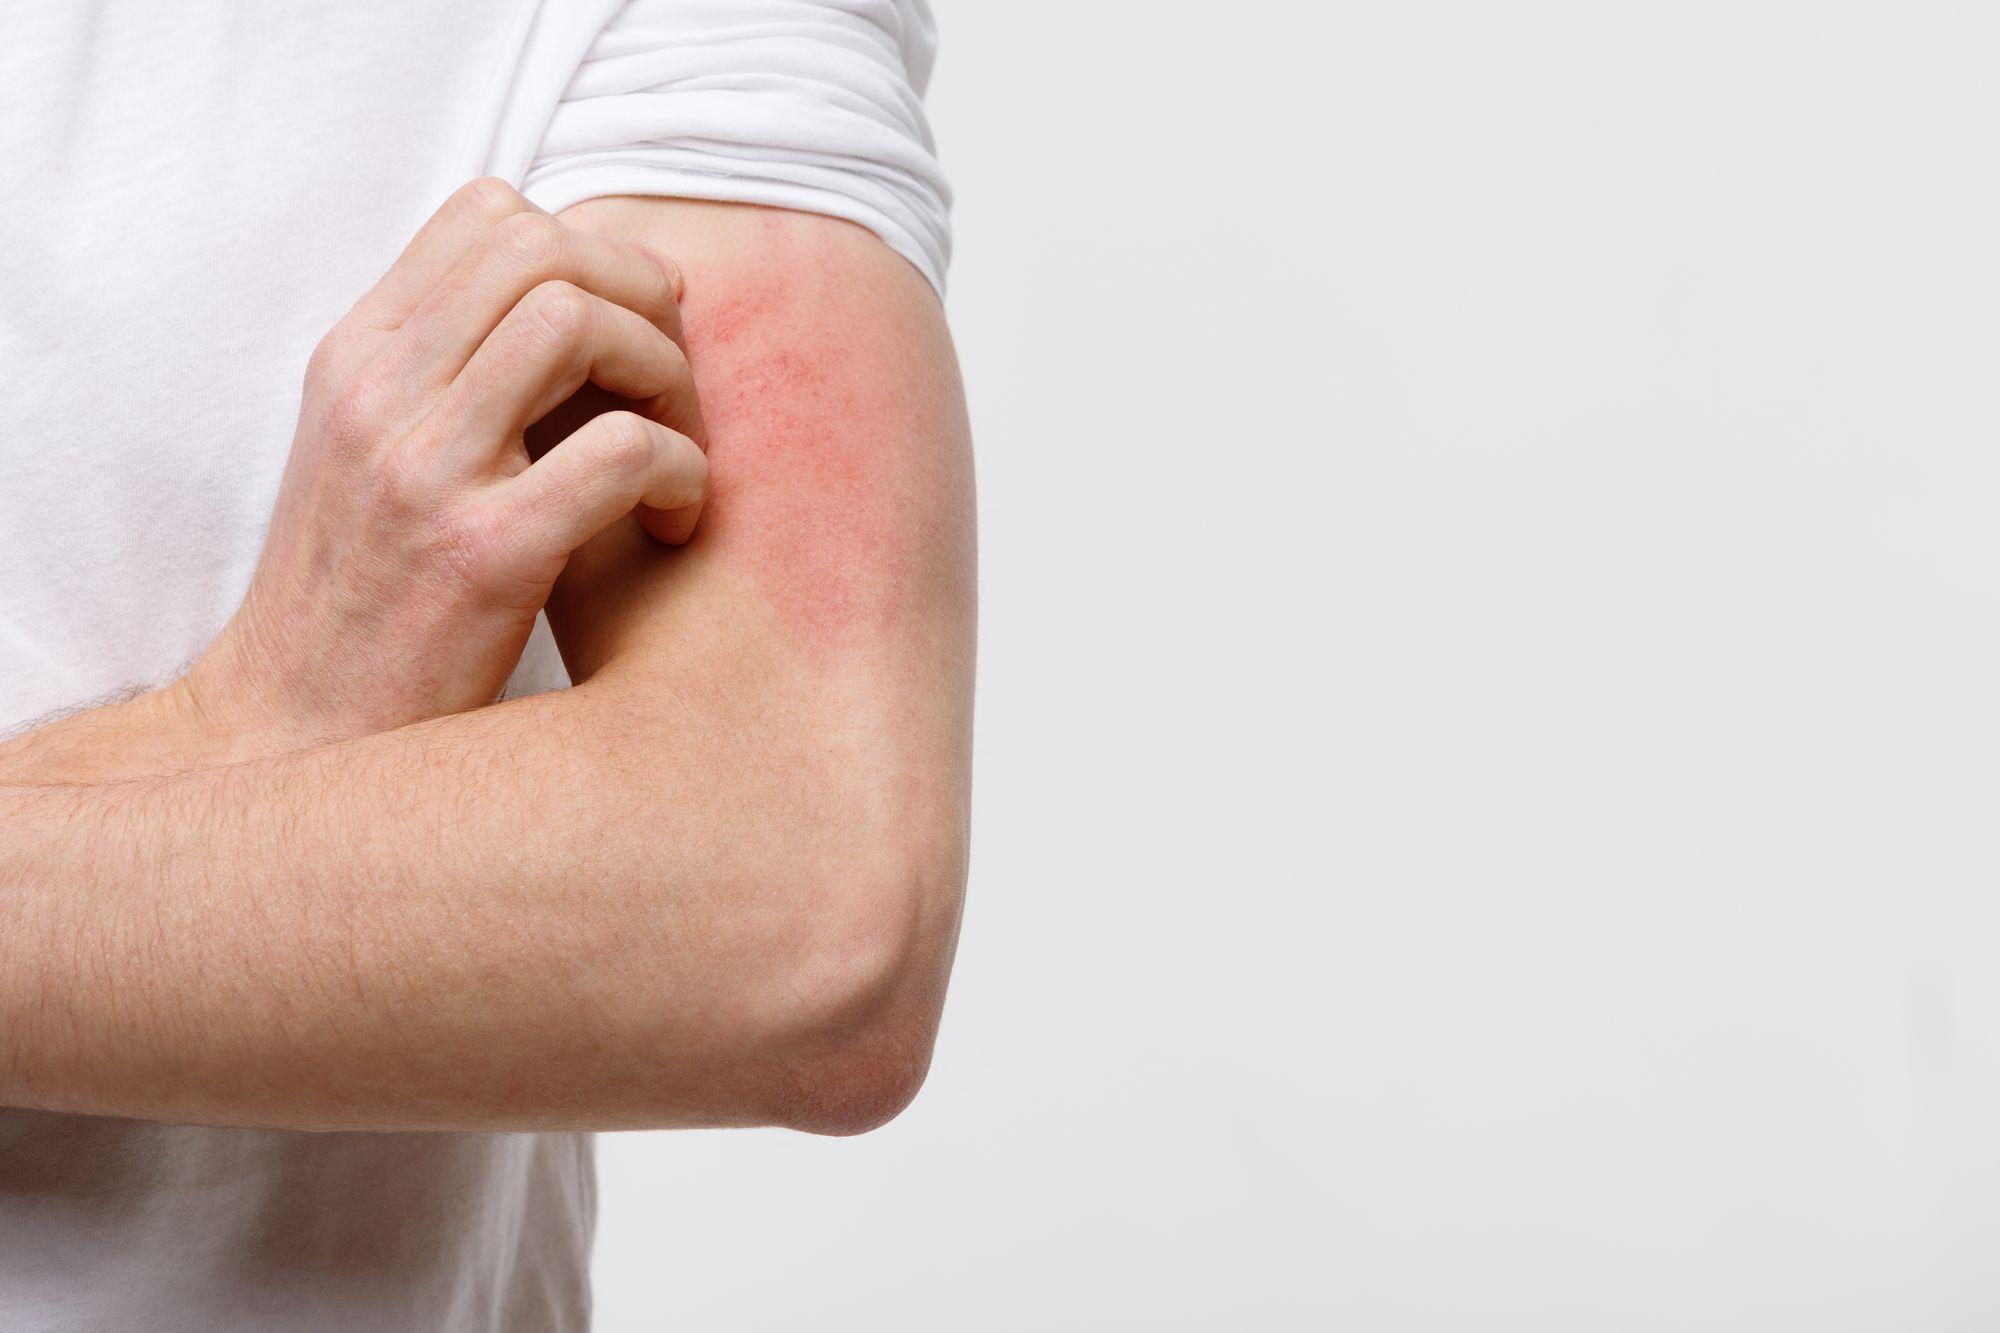 Pele irrita por resposta imunológica. (Reprodução/Freepik)